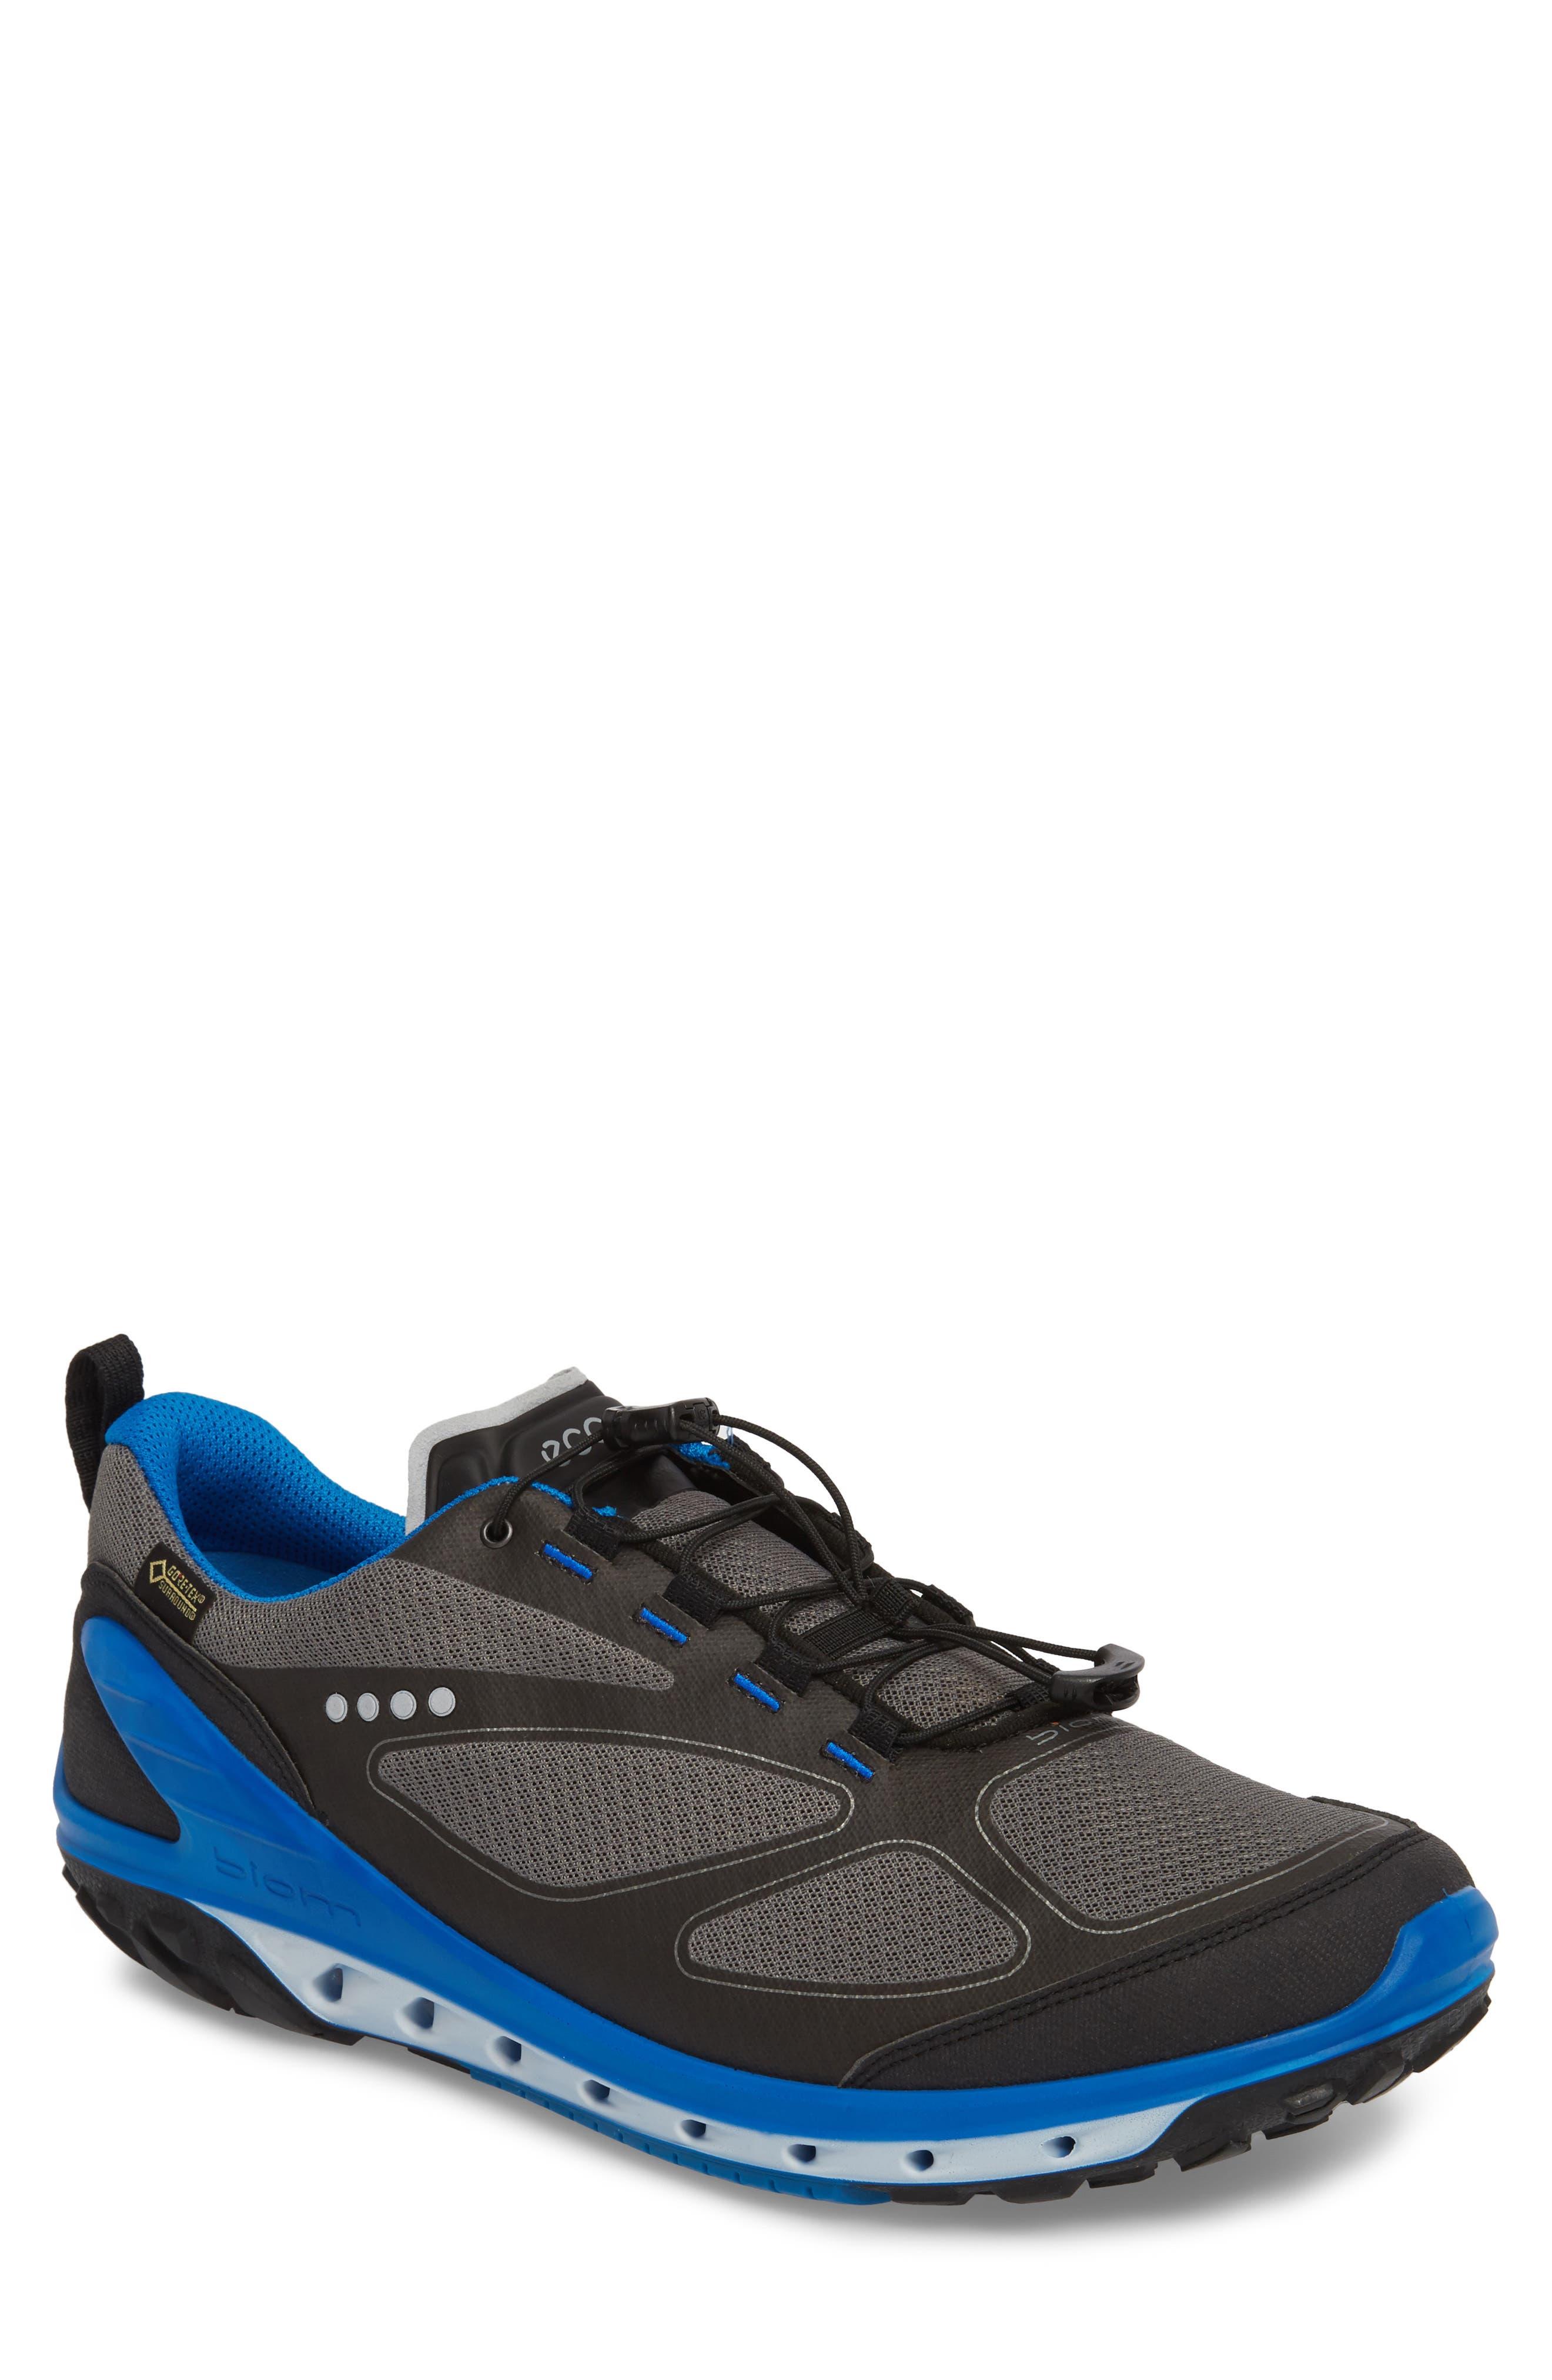 BIOM Venture GTX Sneaker,                         Main,                         color, Black/ Titanium Leather